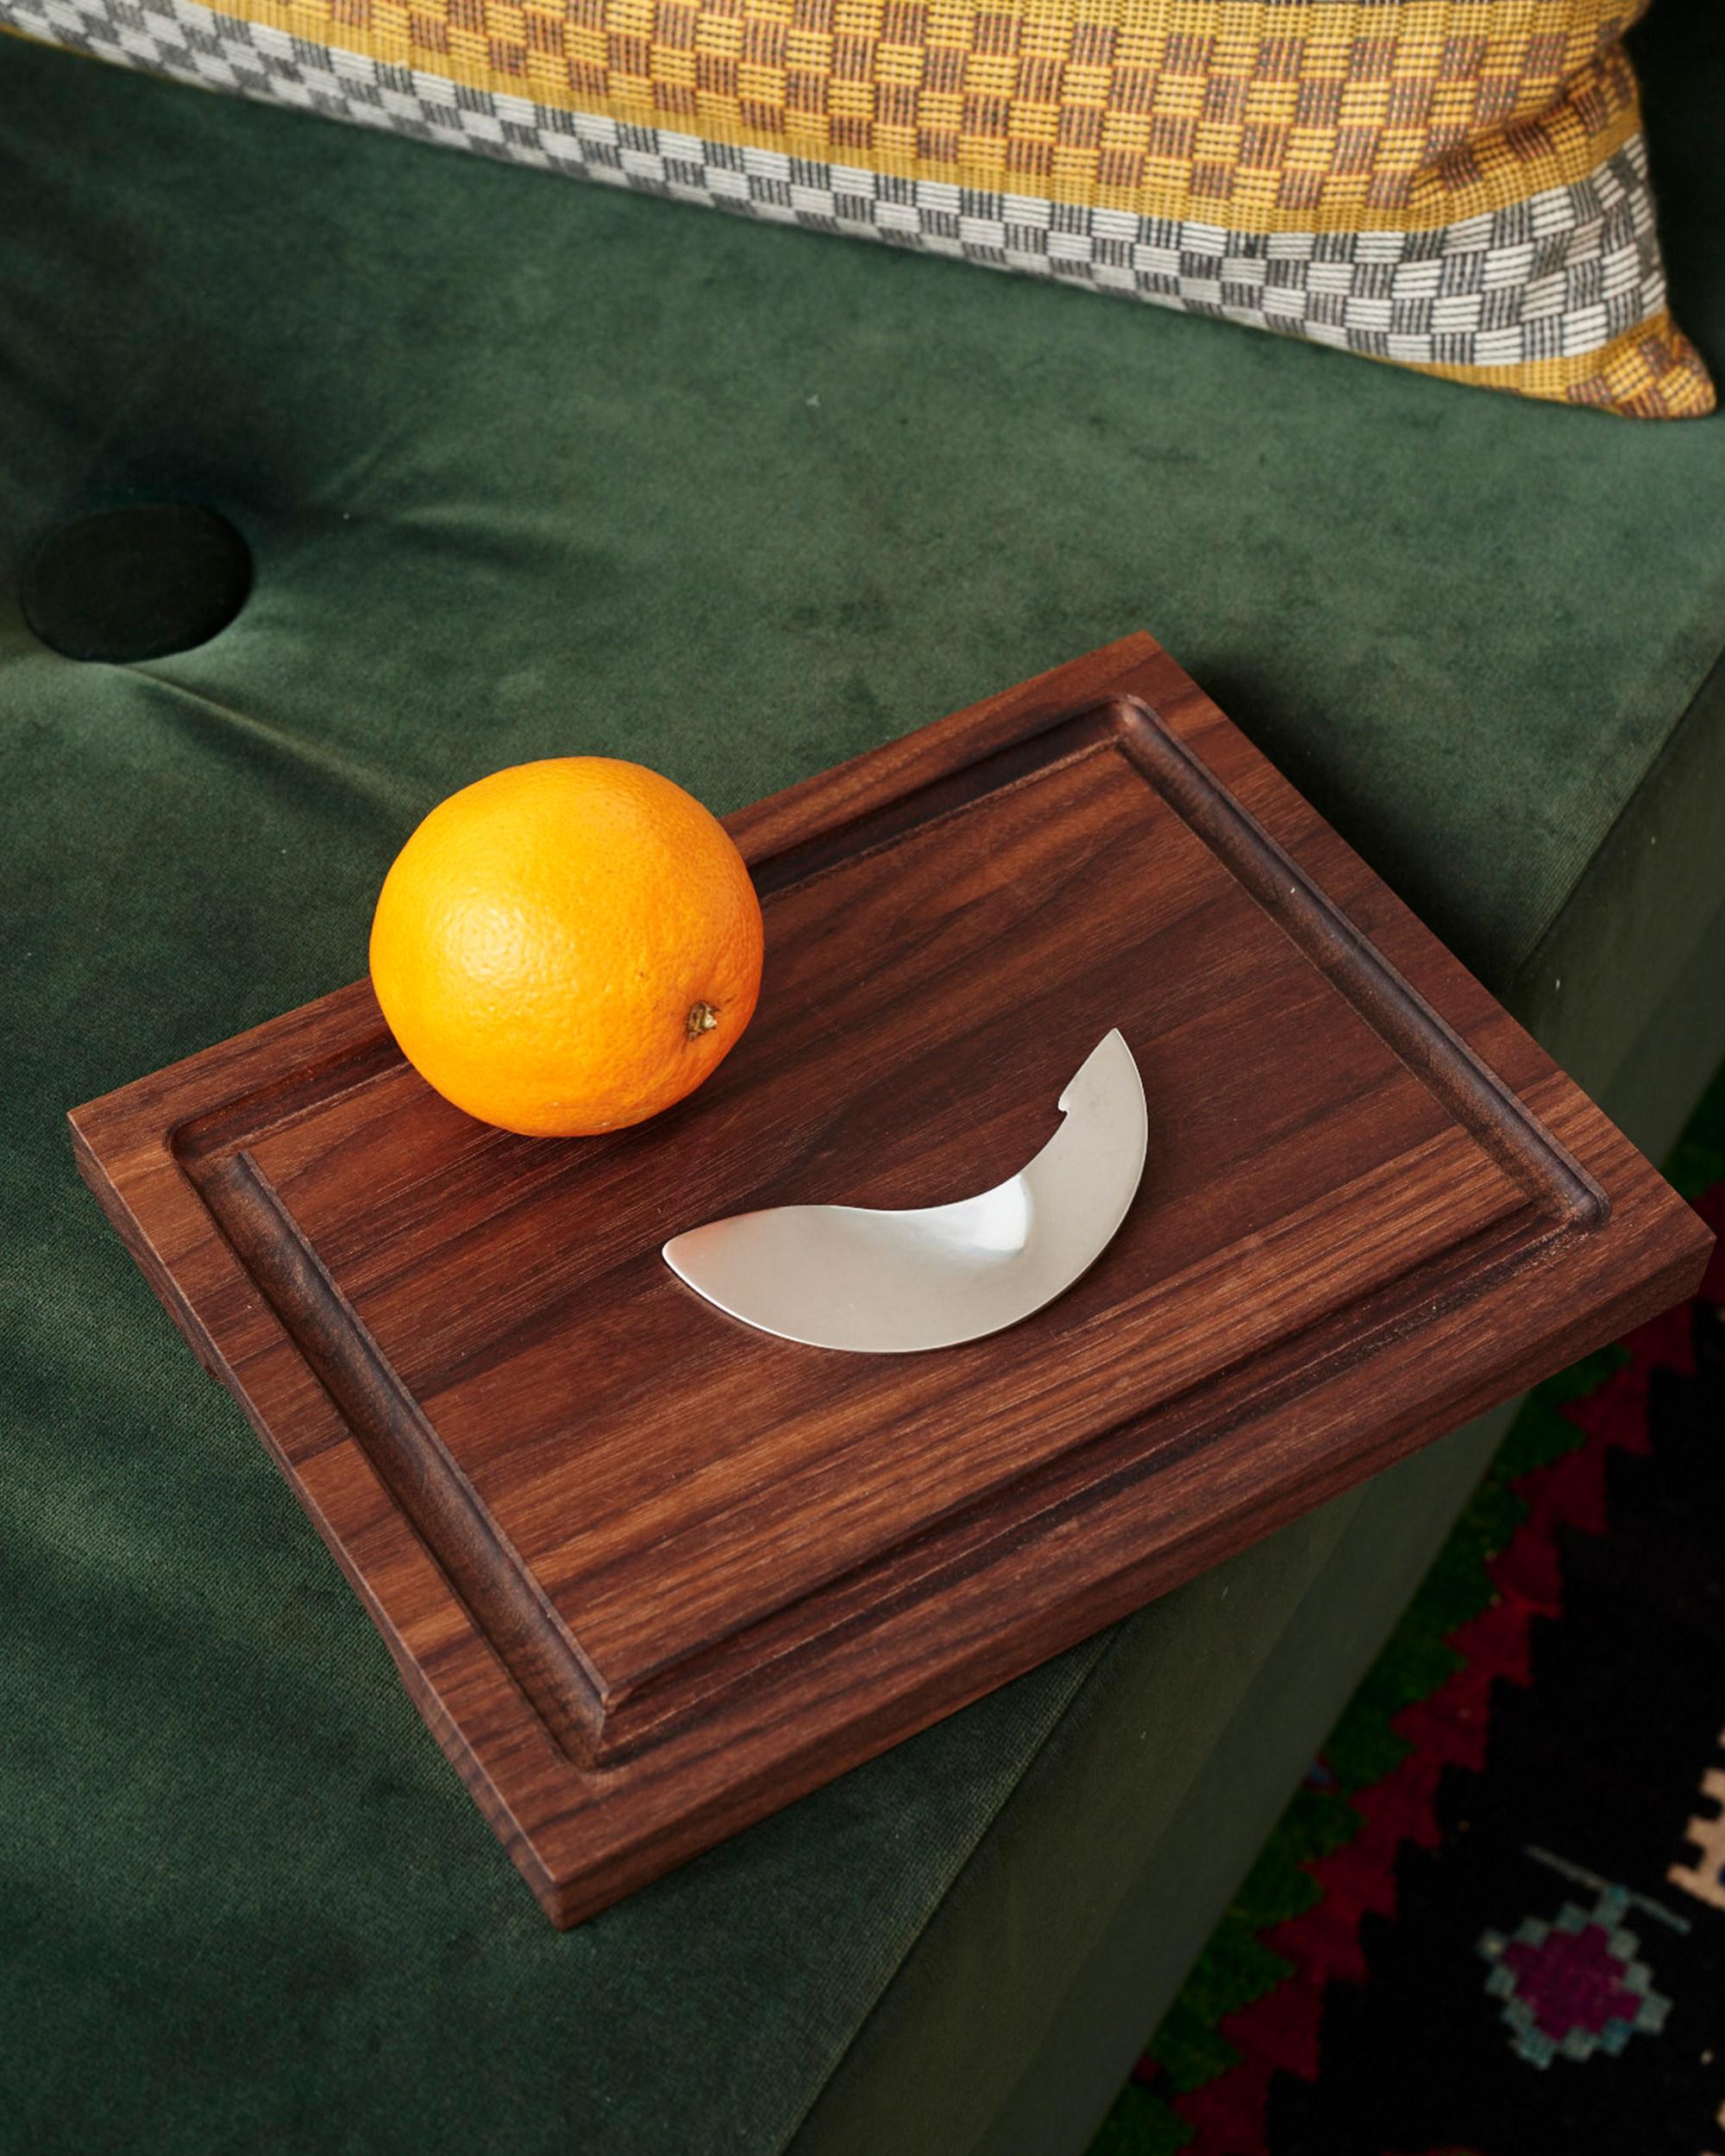 Mono Citro Orangenschäler Orange peeler Credits Fabian Frinzel 02